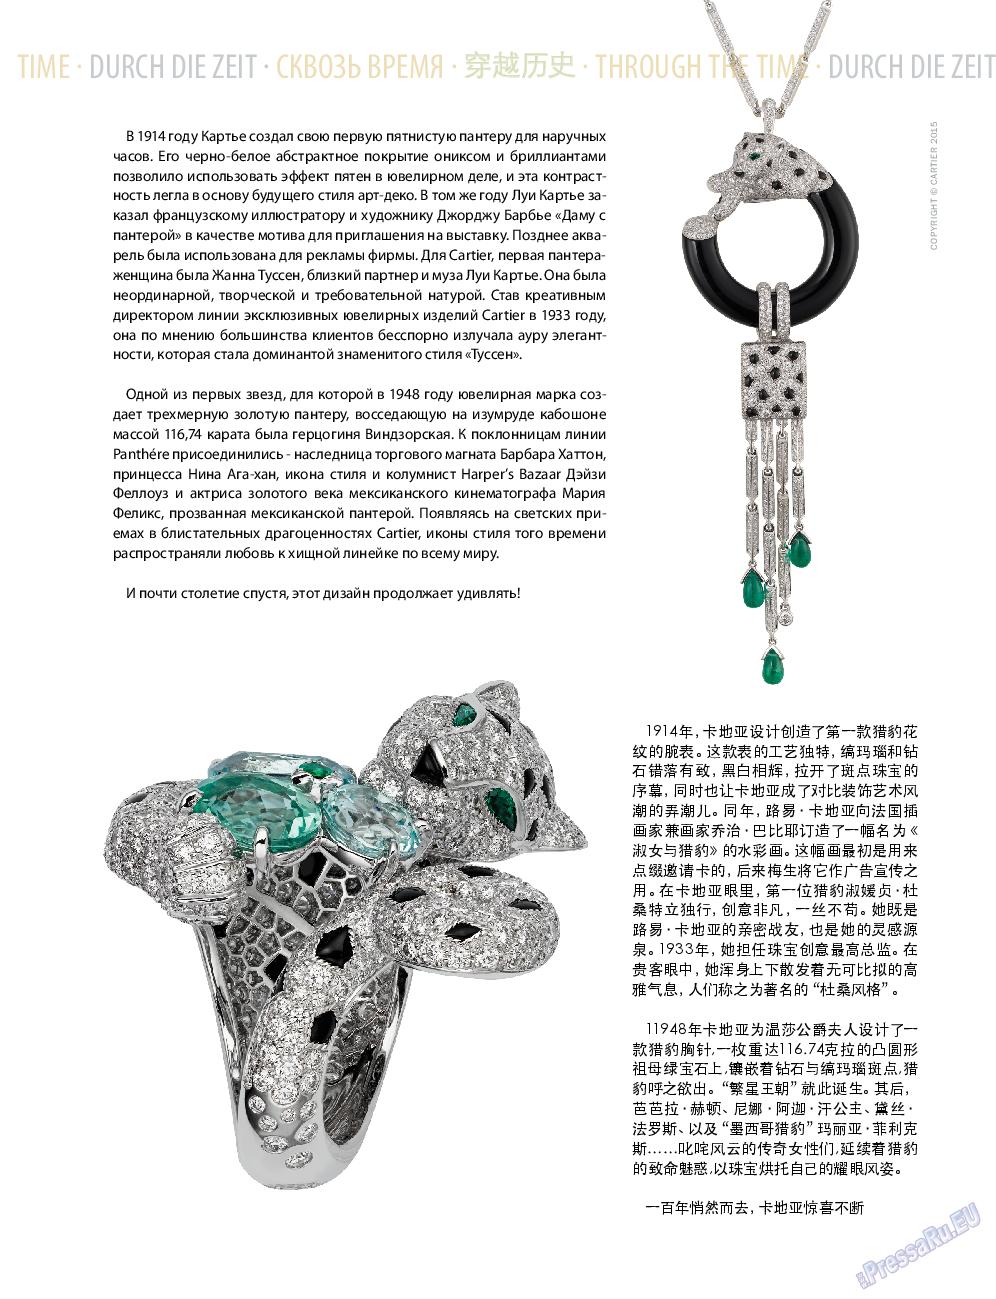 Клан (журнал). 2015 год, номер 8, стр. 119